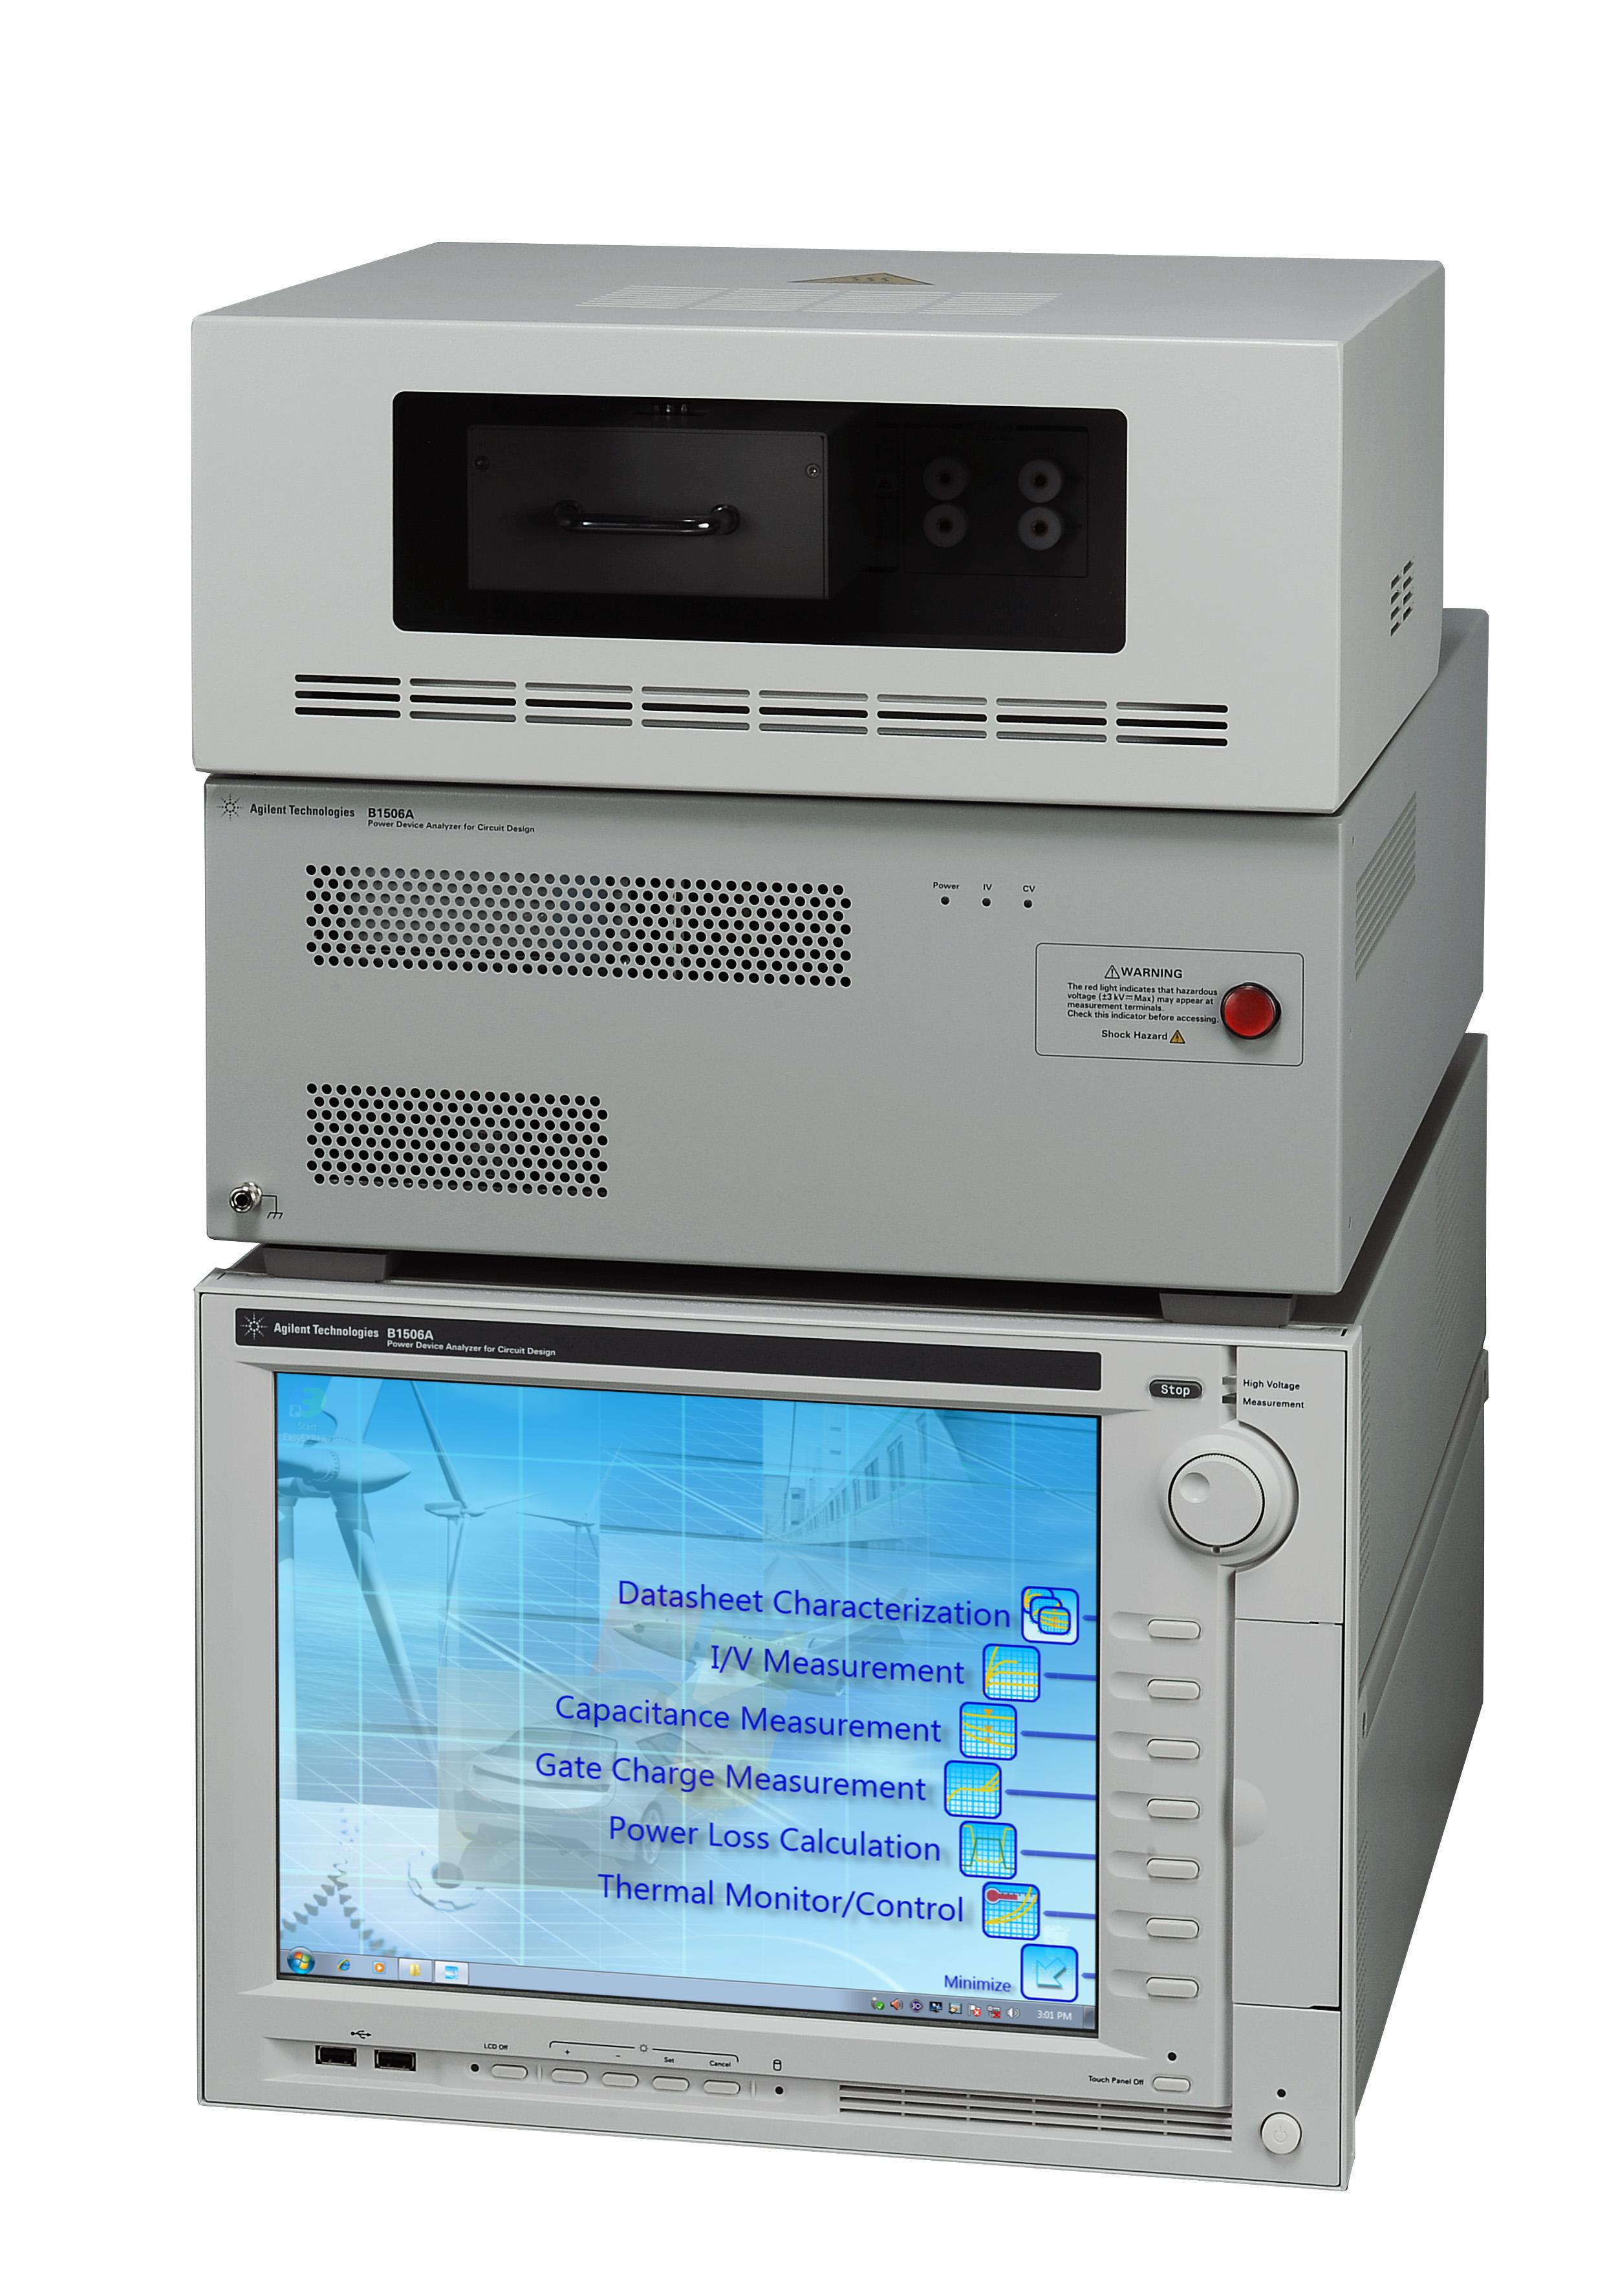 Agilent Technologies: первый в отрасли анализатор силовых полупроводниковых приборов